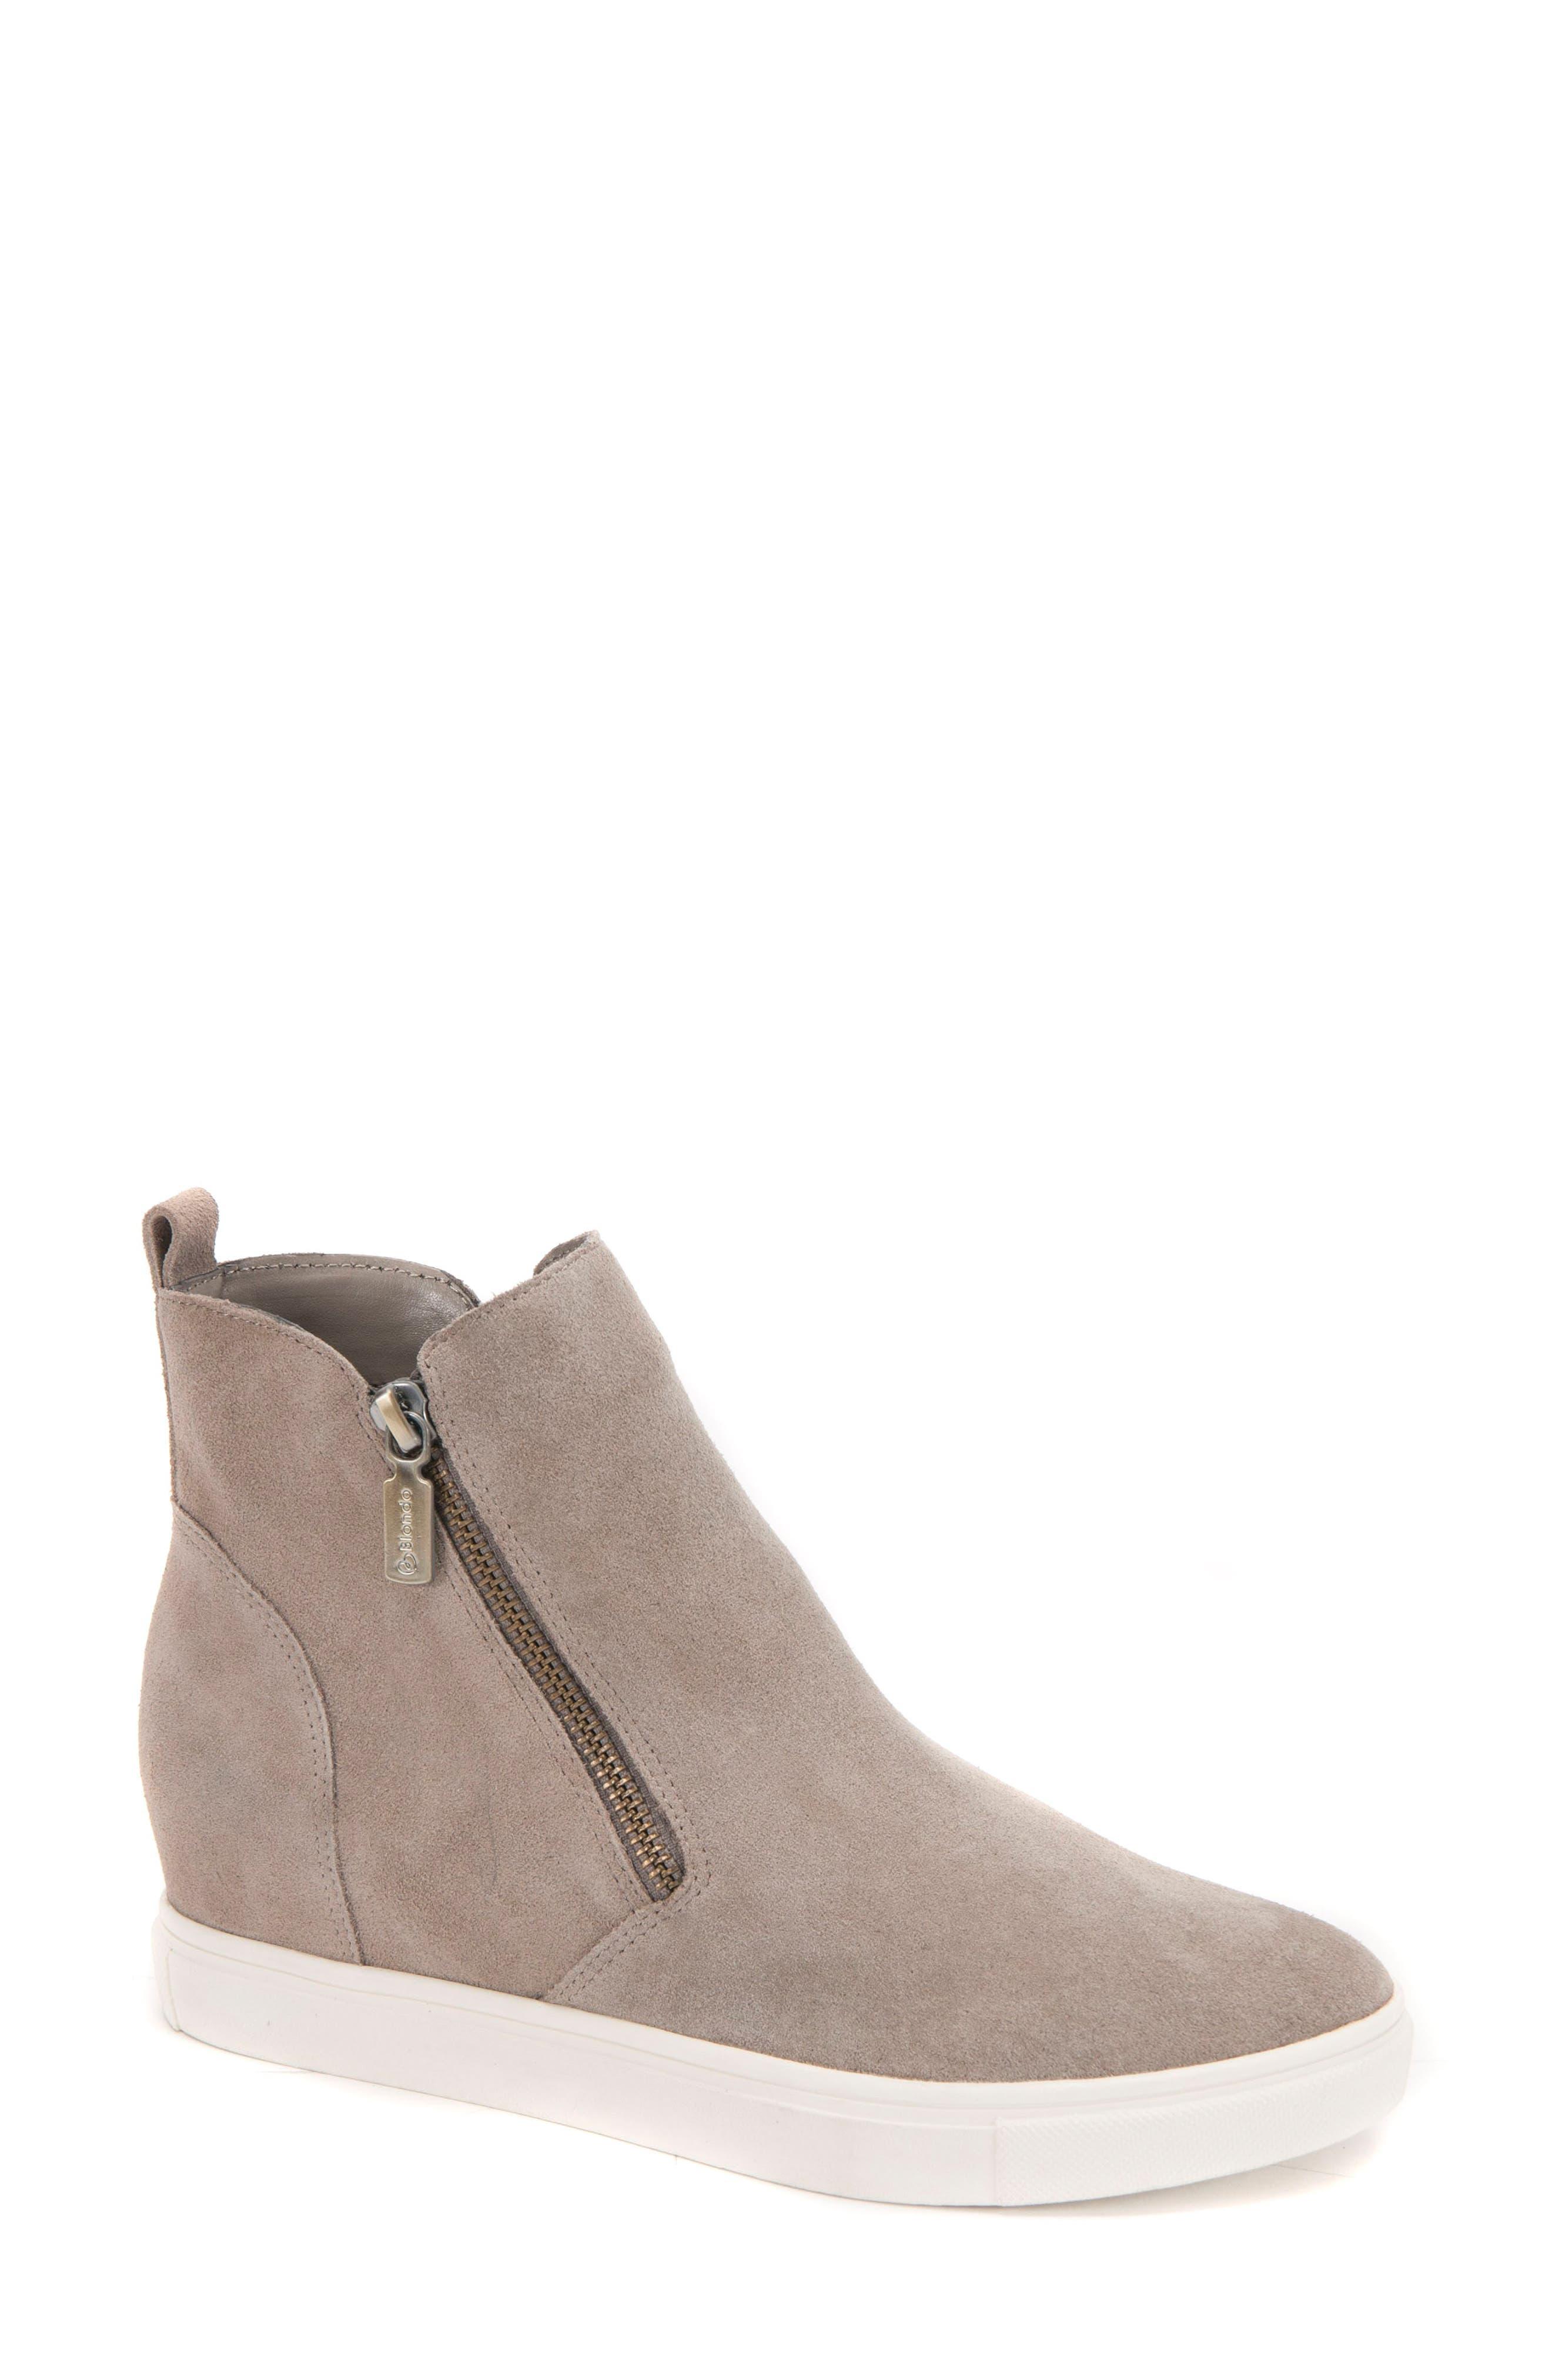 Blondo Giselle Waterproof Sneaker- Grey